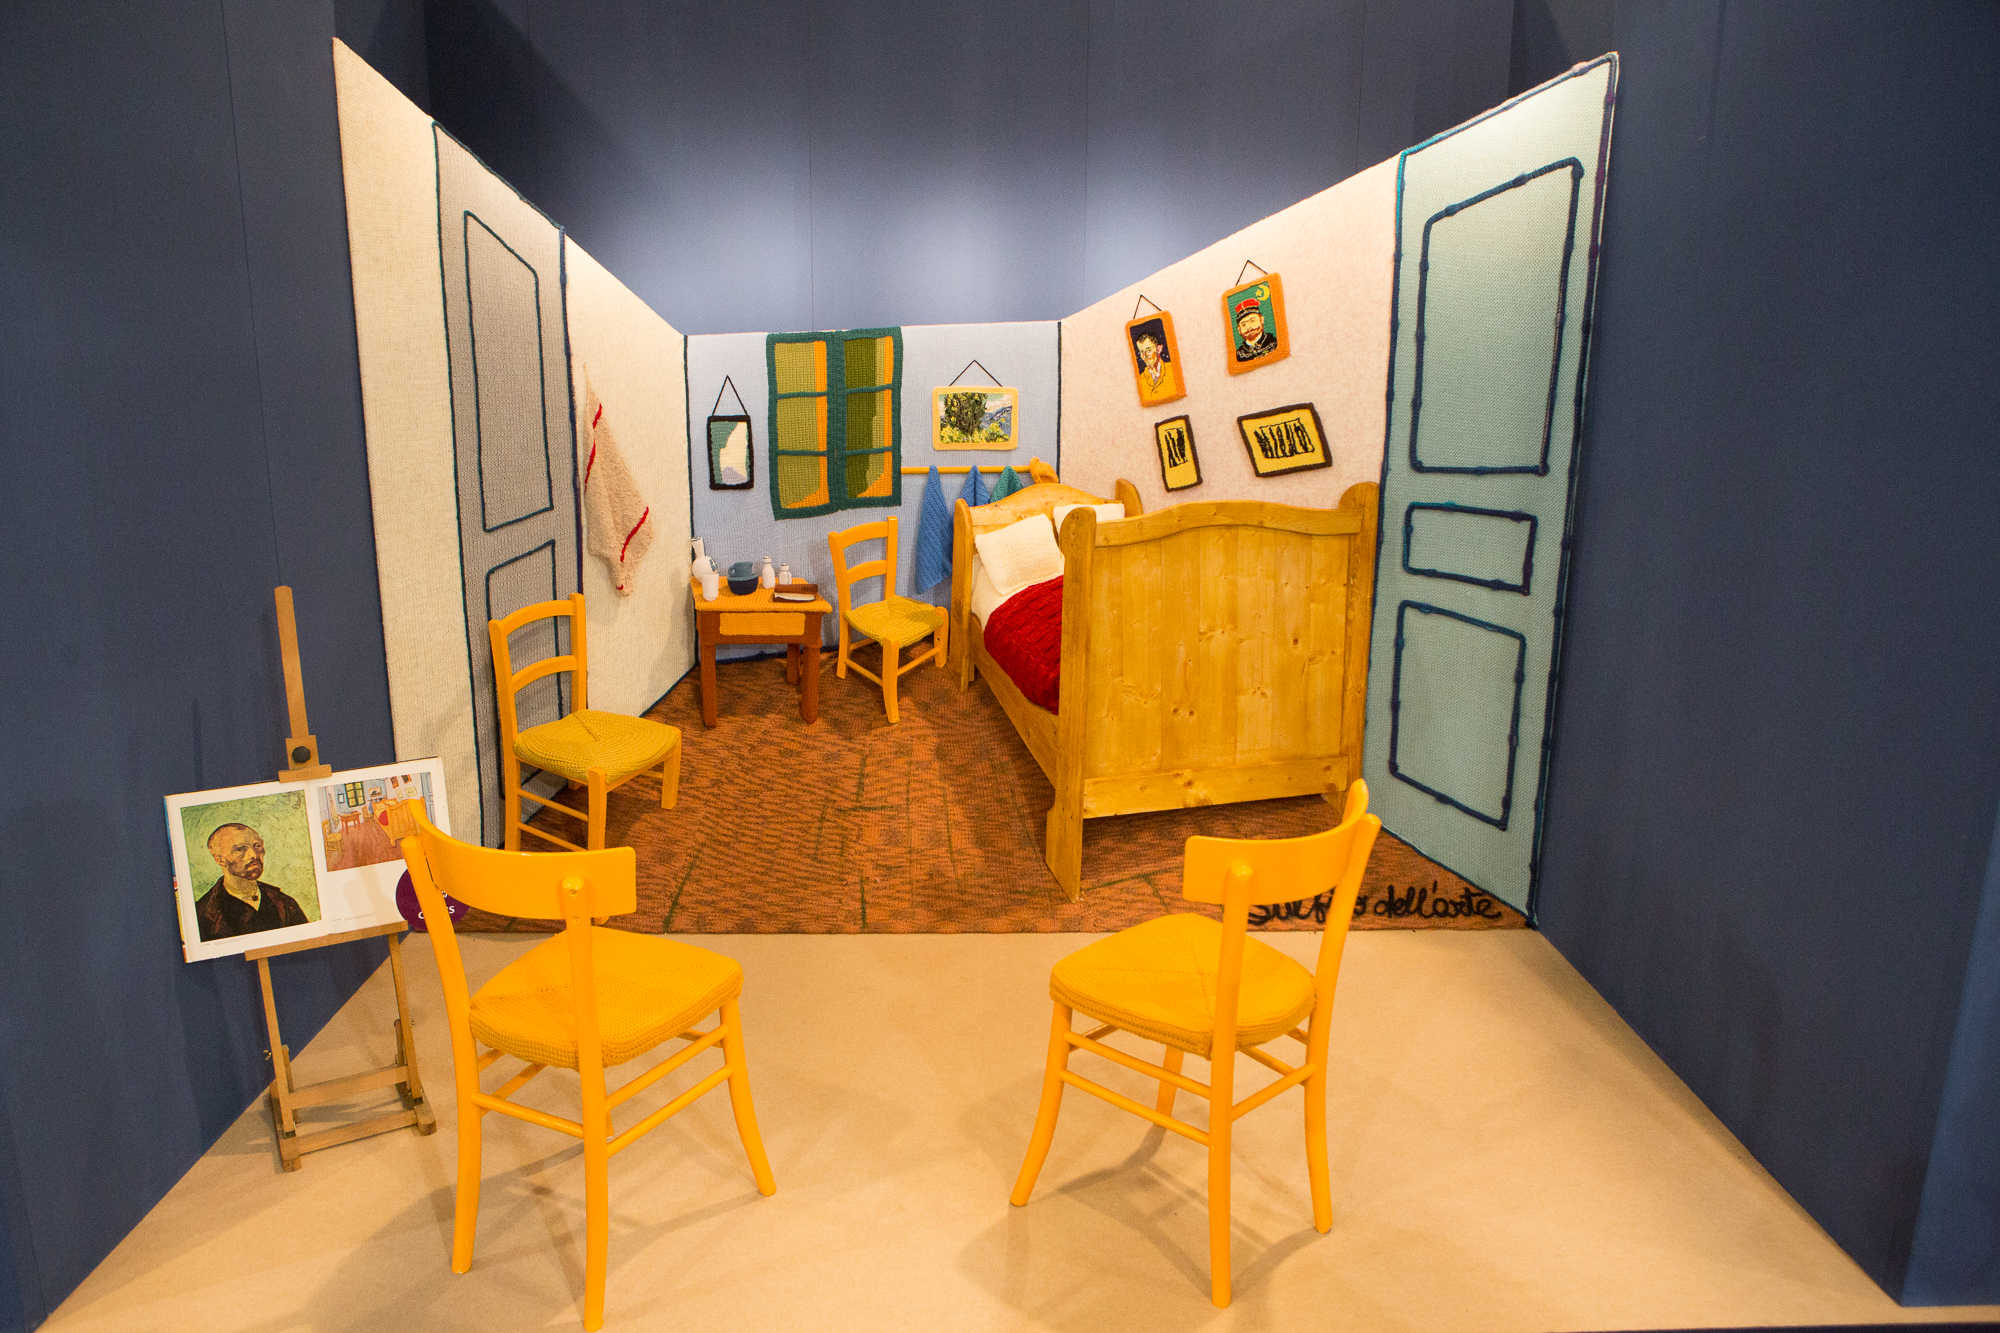 Awesome la camera da letto van gogh pictures design - La camera da letto ...